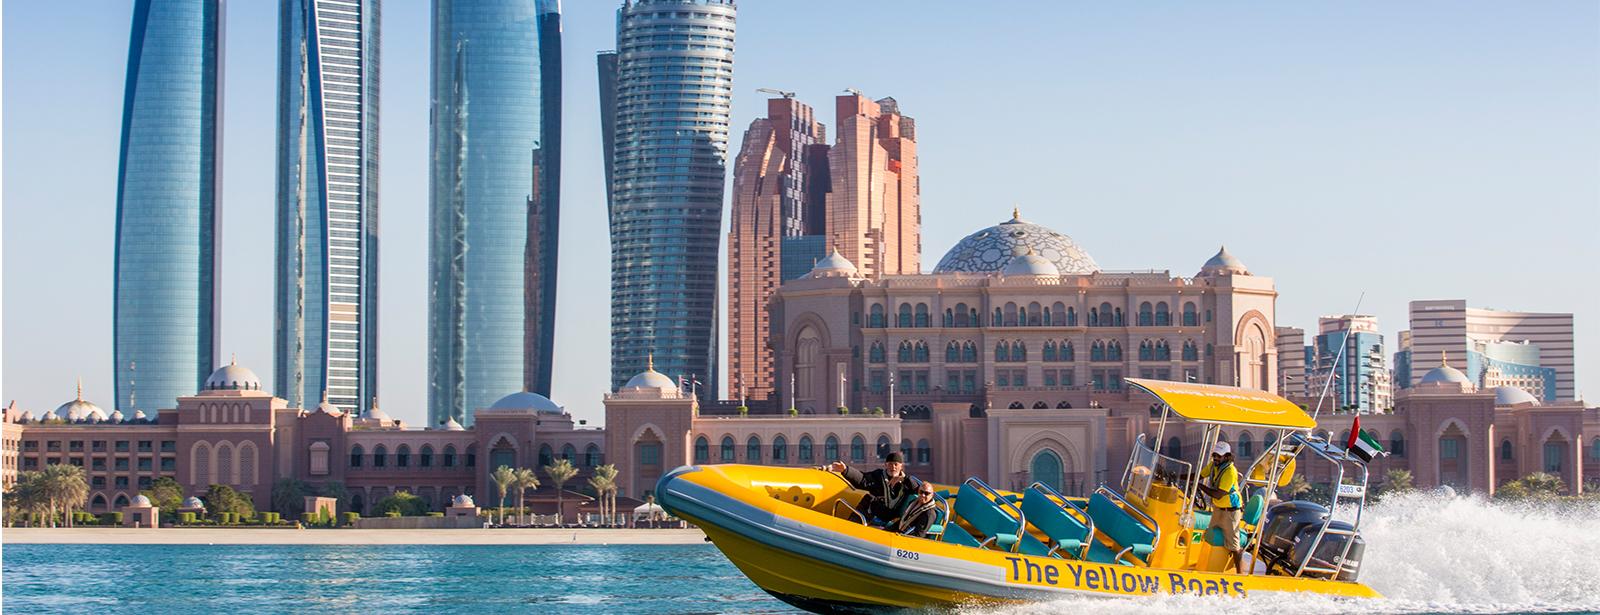 60 Minutes Boat Tour- Emirates Palace Marina, Corniche, Lulu Island